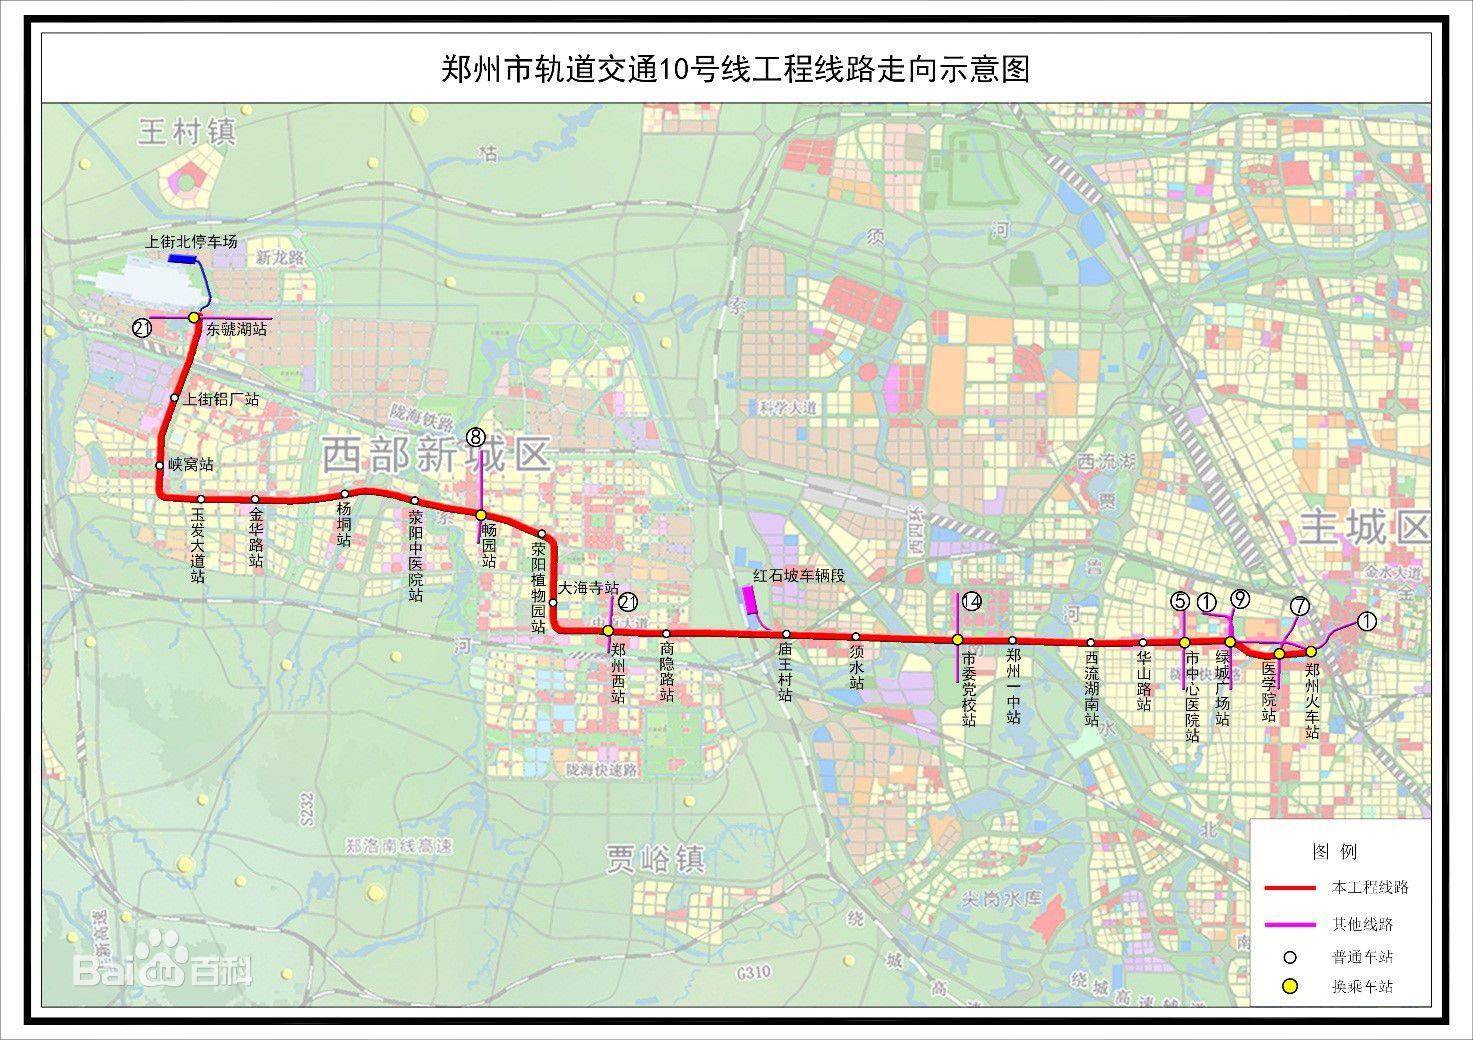 郑州地铁10号线线路图